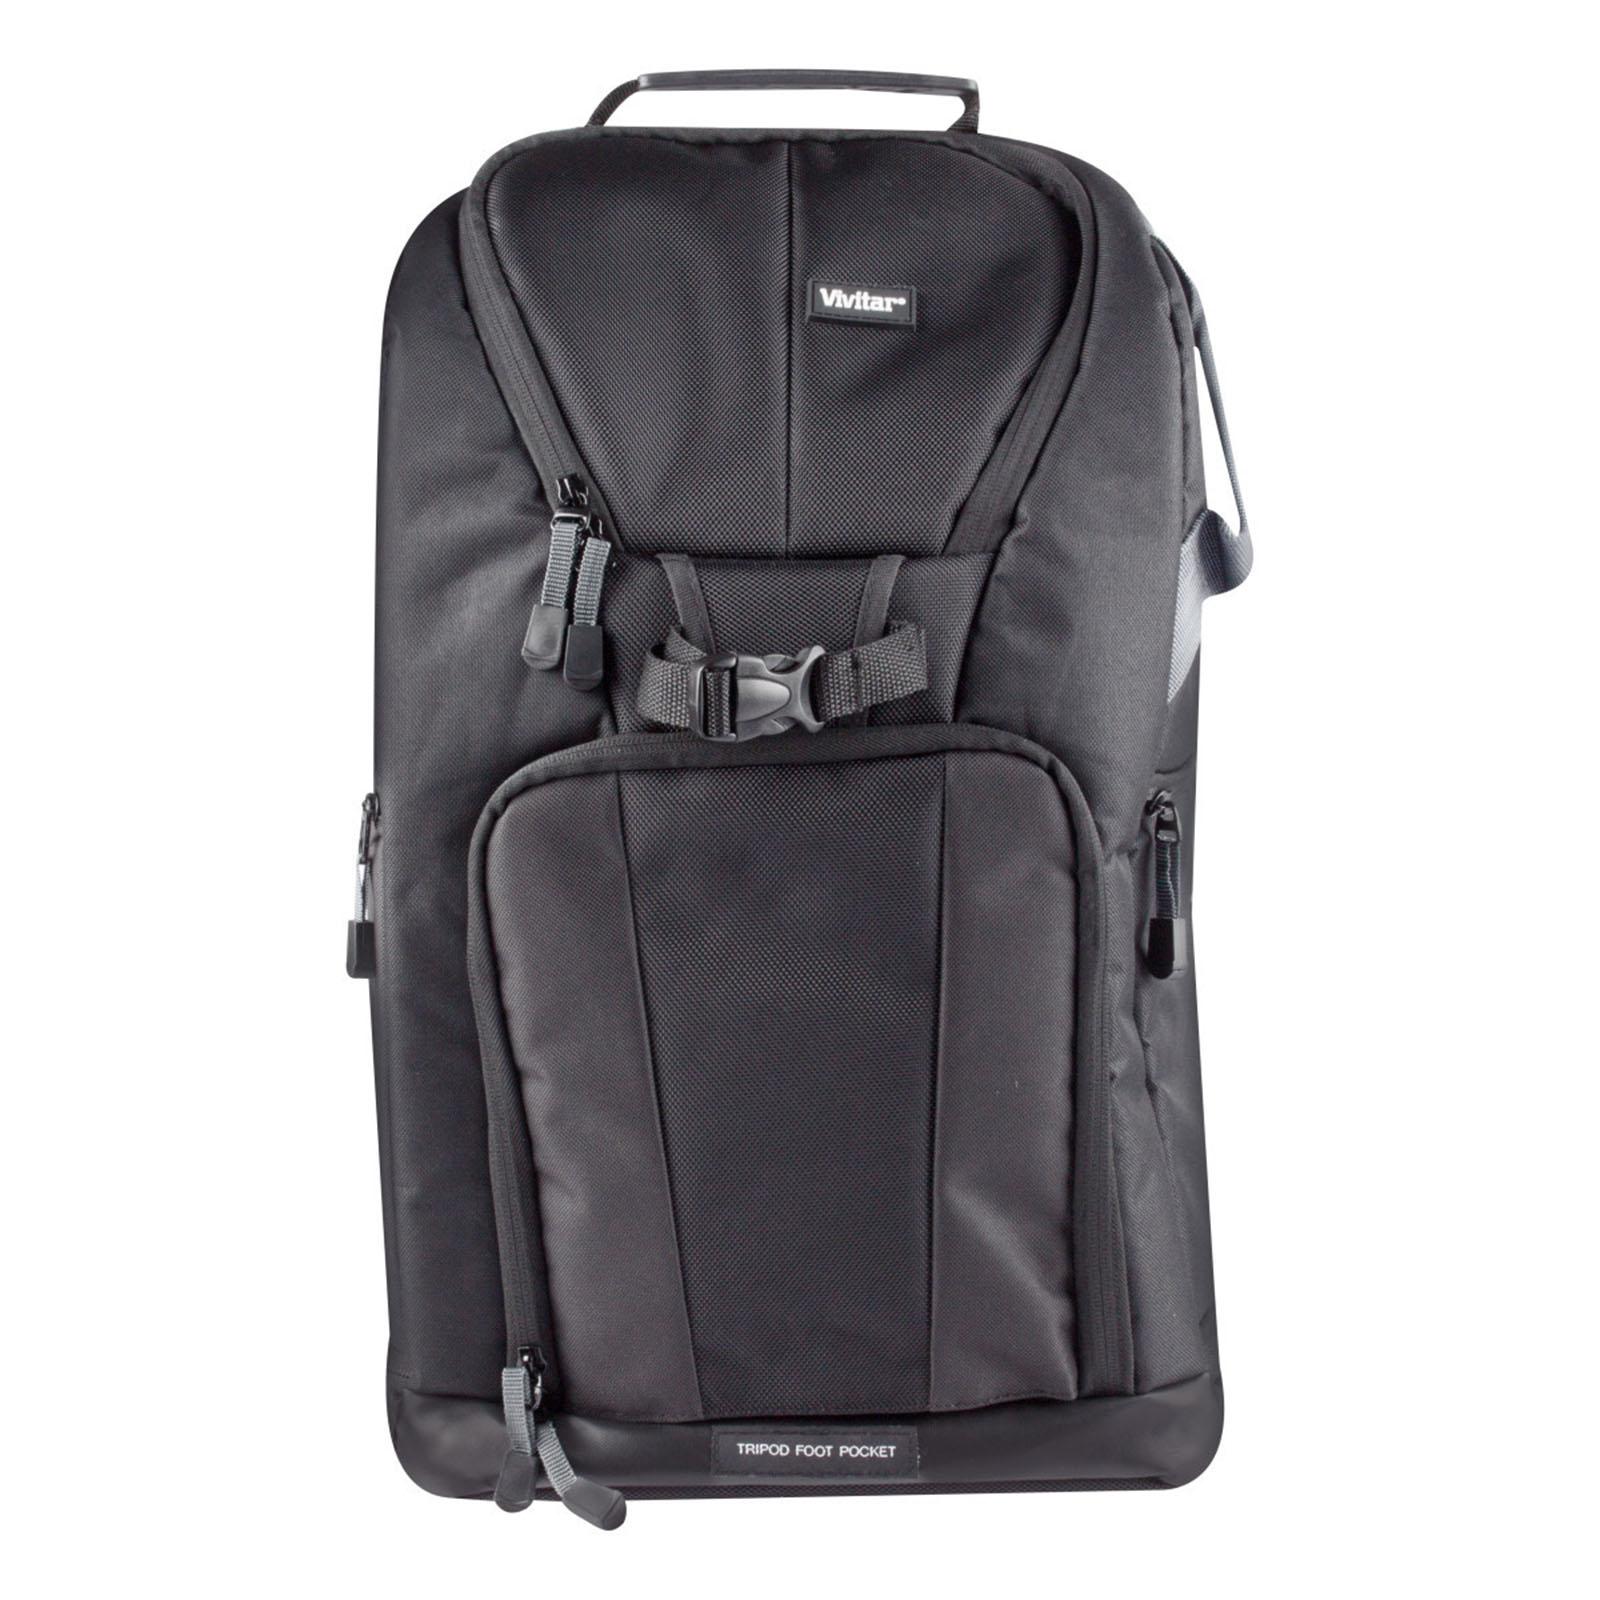 Image of Vivitar 970106174M Large Camera Backpack, Black